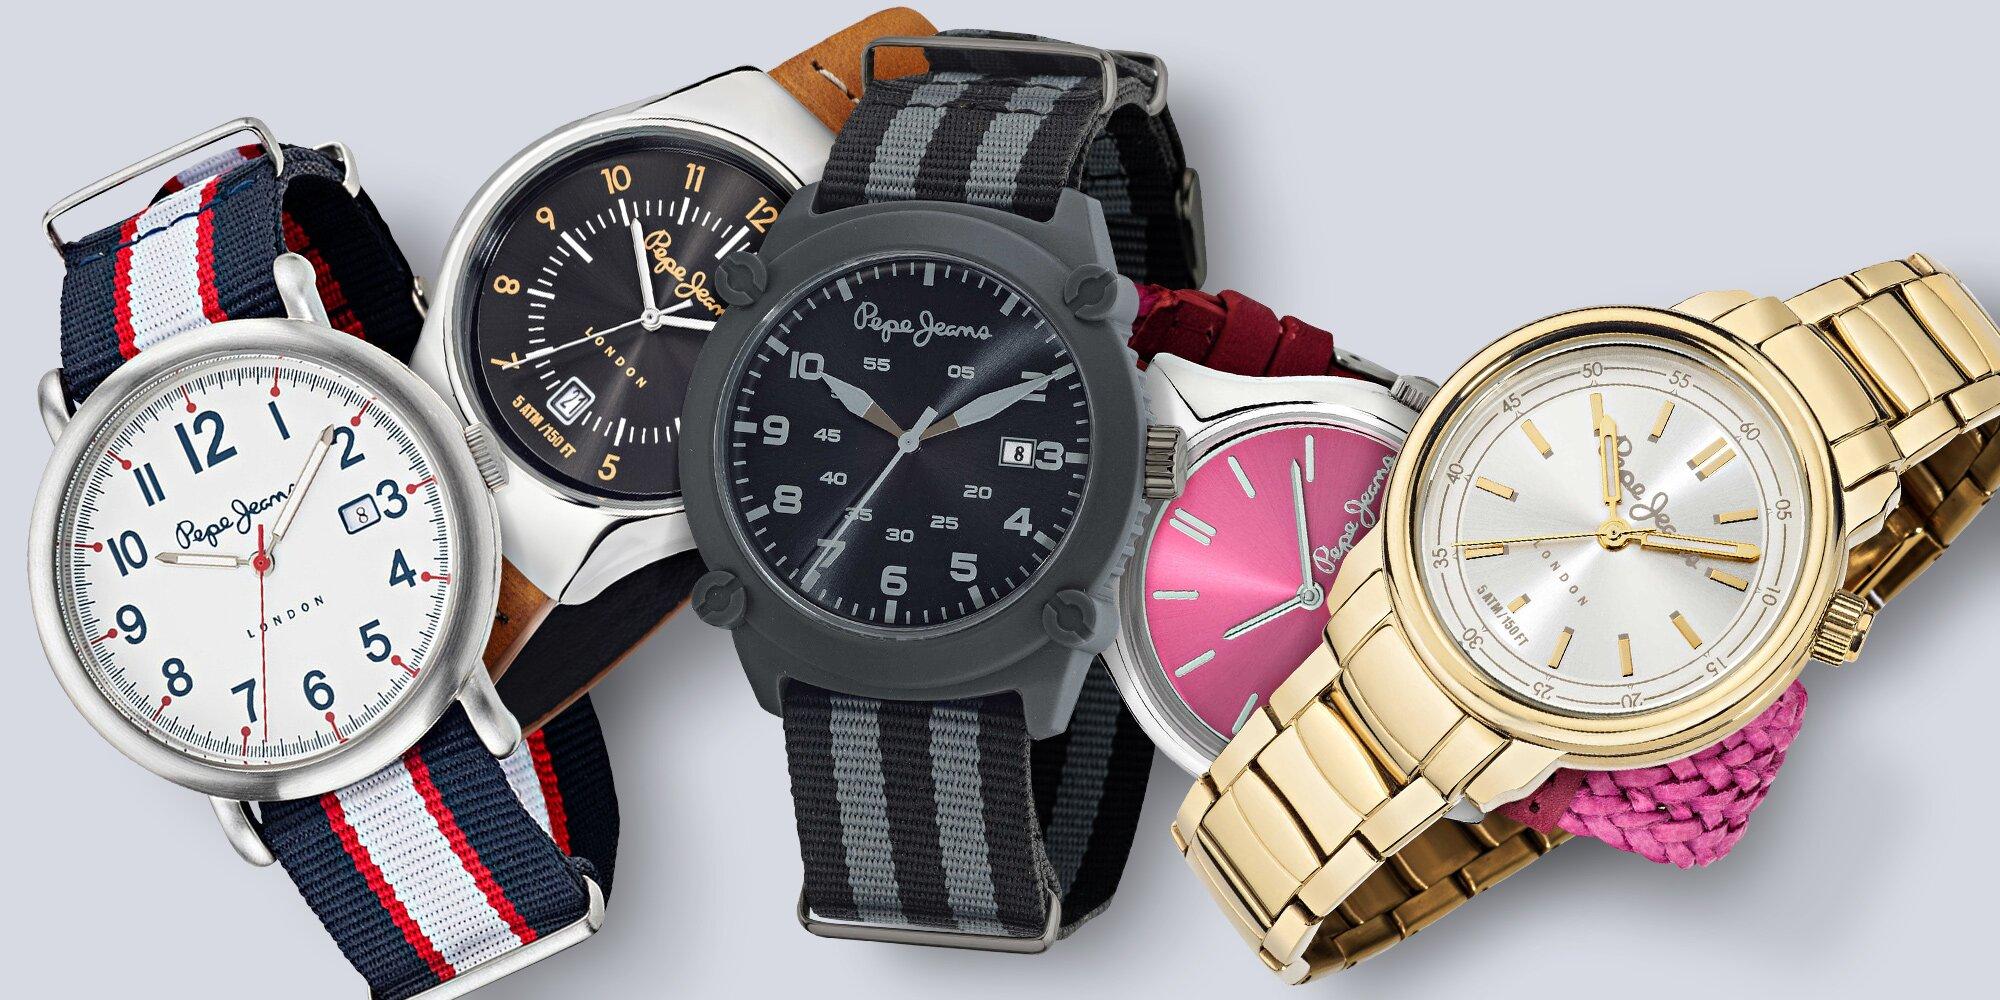 Módní dámské i pánské hodinky Pepe Jeans  ba86a0c521